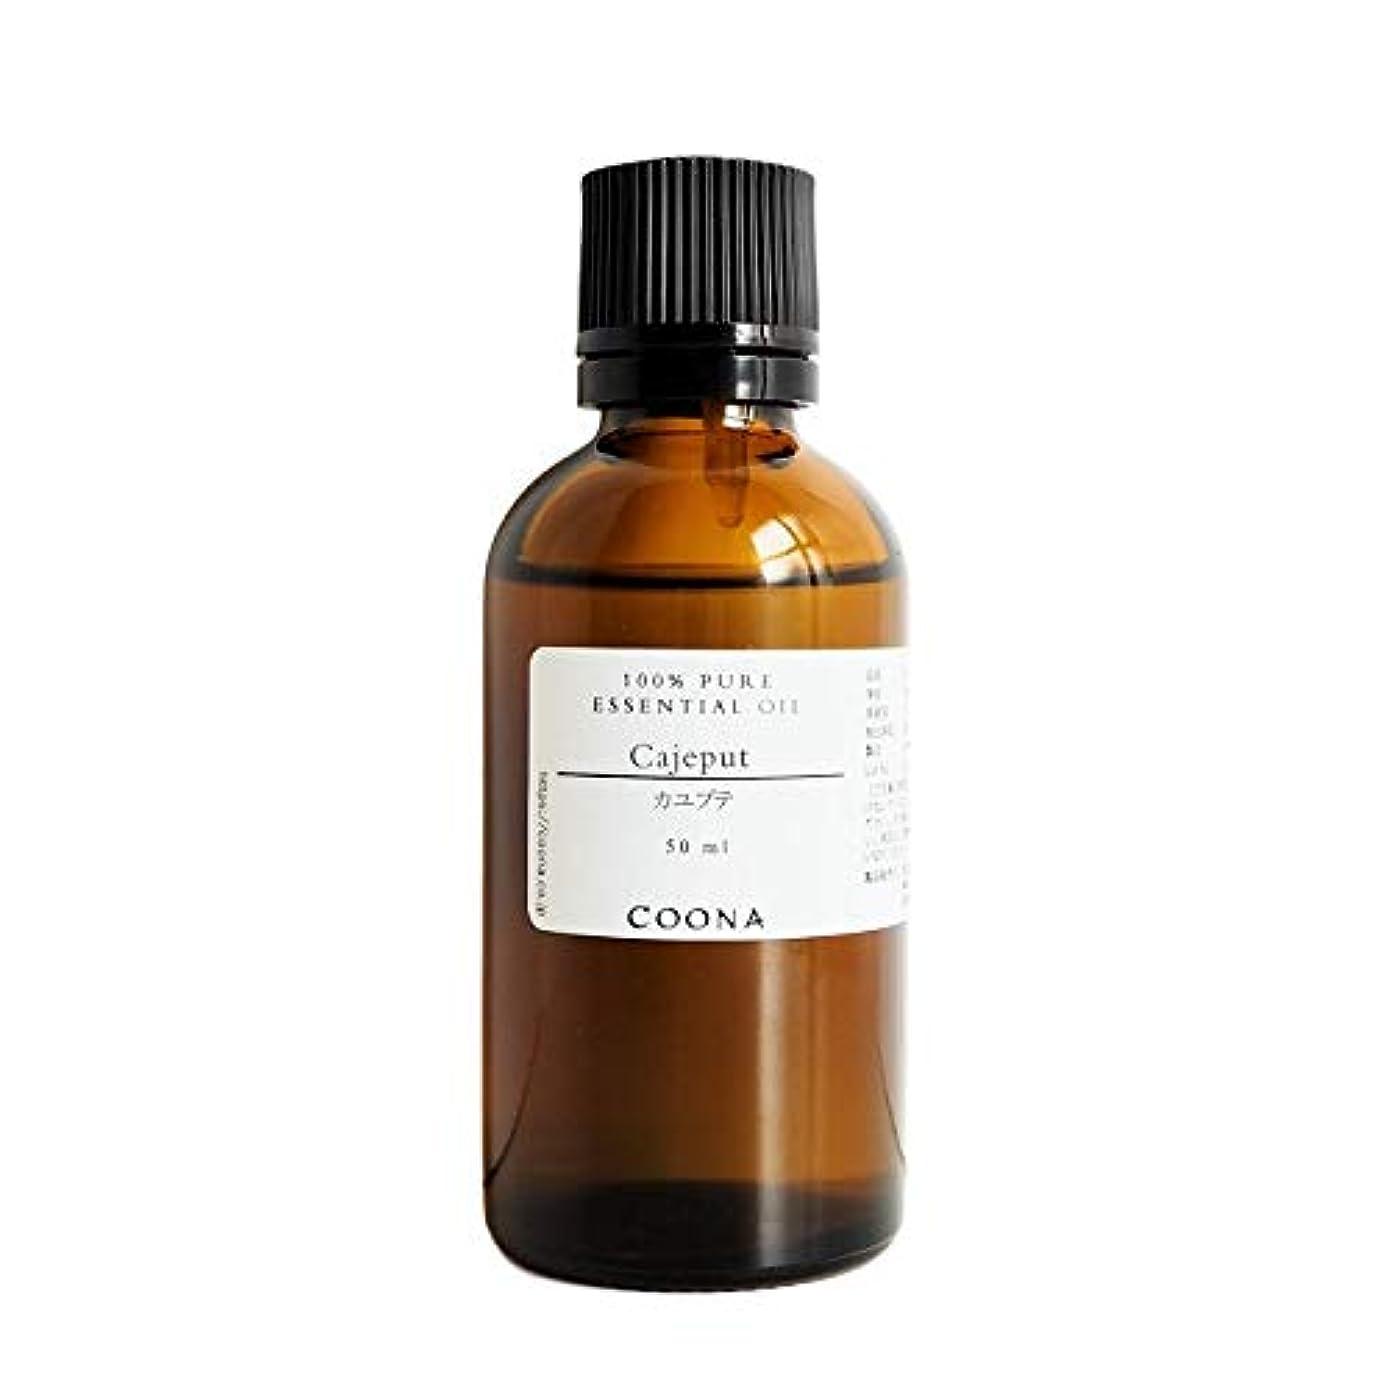 ヒューバートハドソン細心の代わりにを立てるカユプテ 50 ml (COONA エッセンシャルオイル アロマオイル 100%天然植物精油)